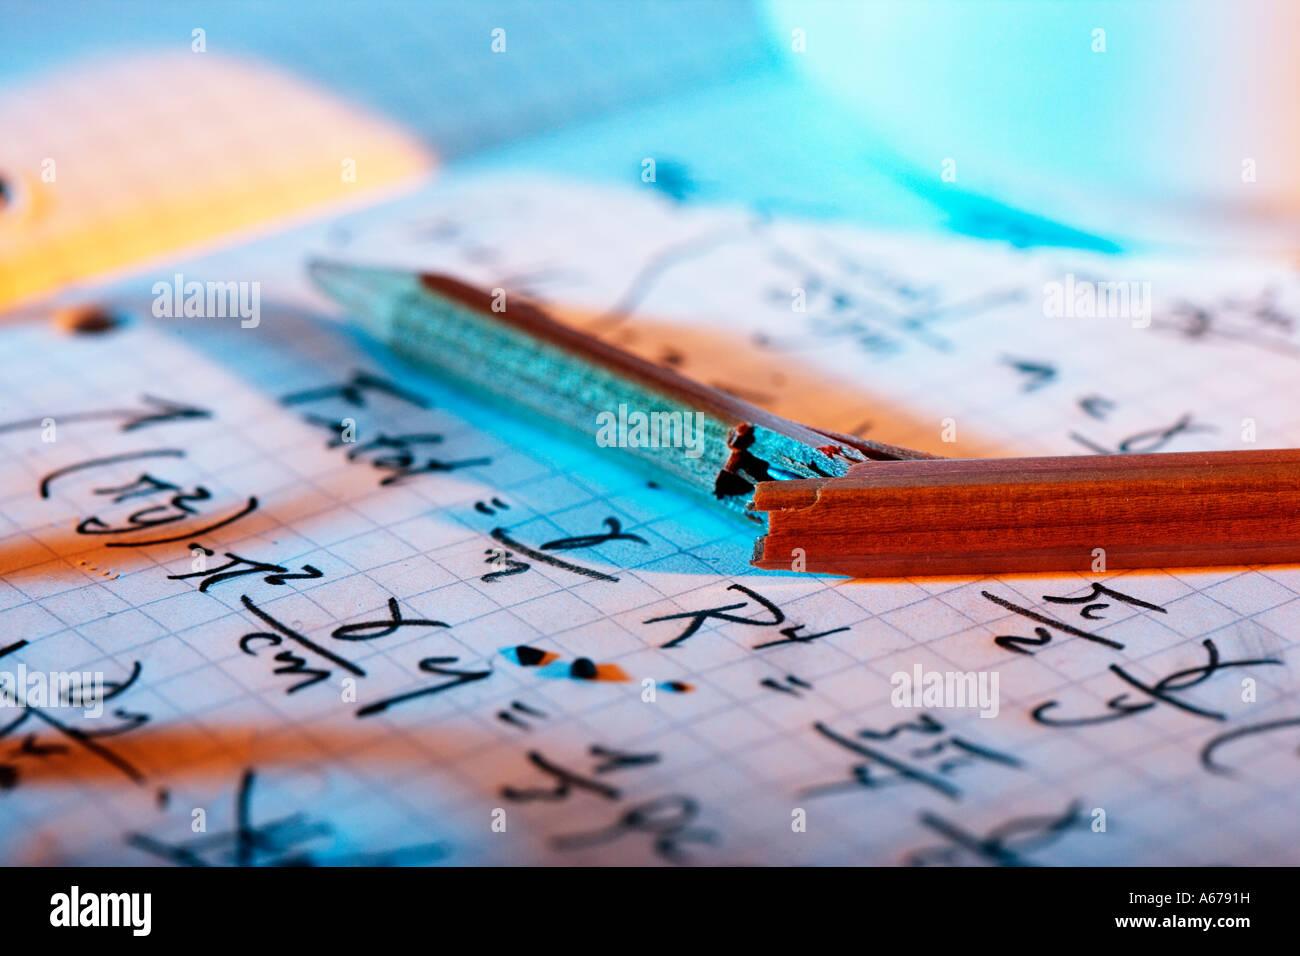 Página de ecuaciones matemáticas con sombra de gafas rotas y lápiz. Imagen De Stock